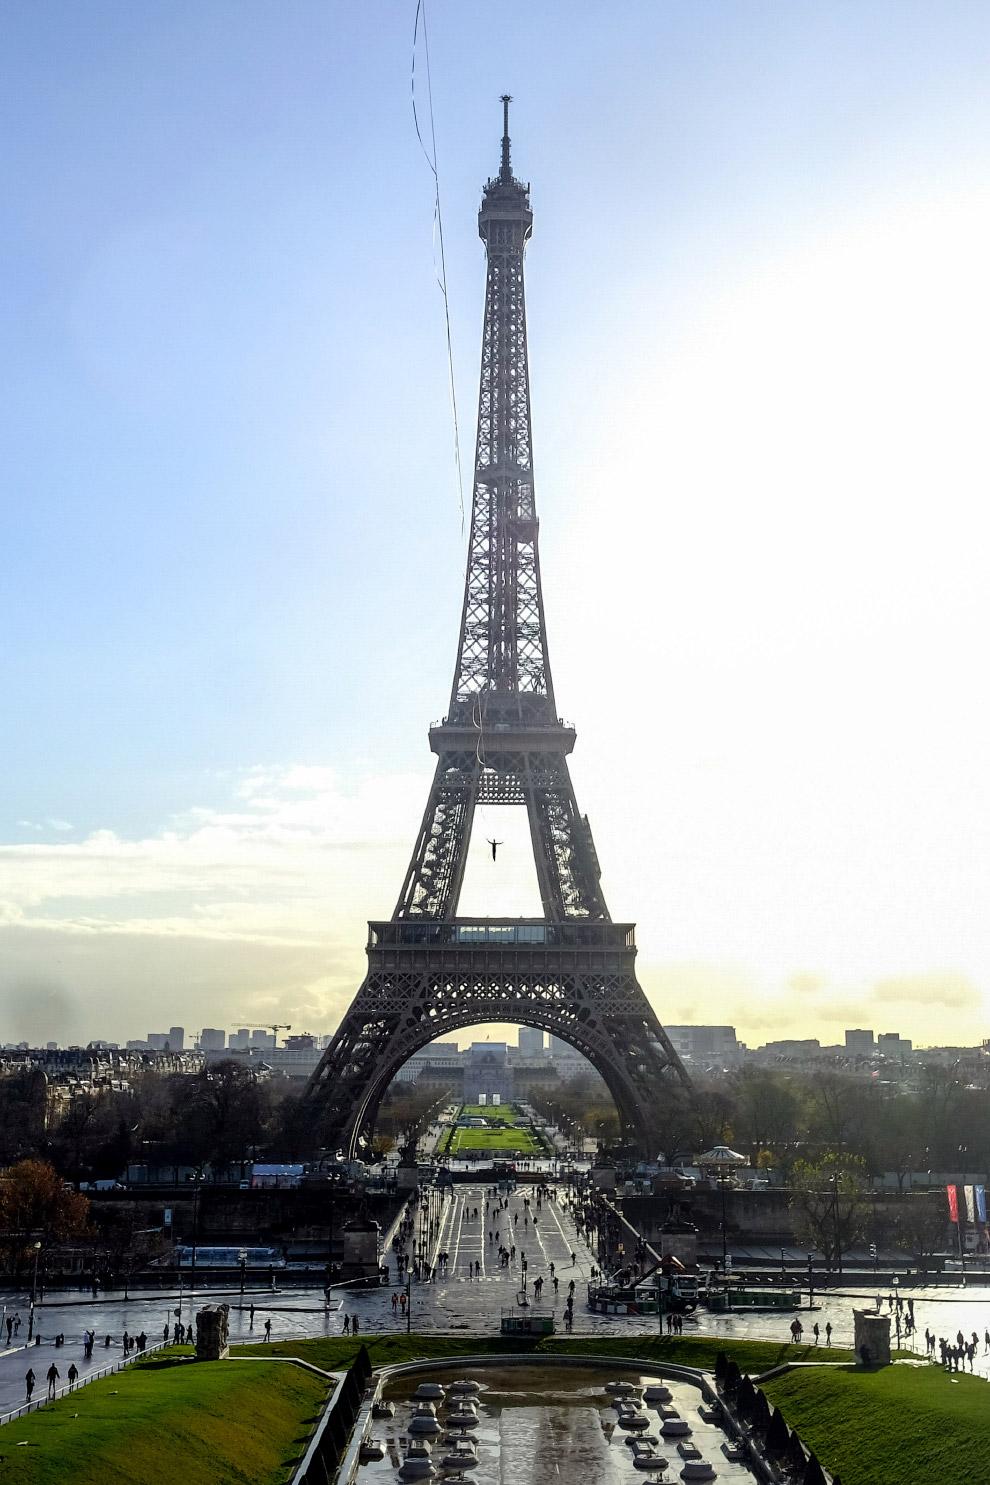 Прогулка по тросу между Эйфелевой башней и Трокадеро в Париже